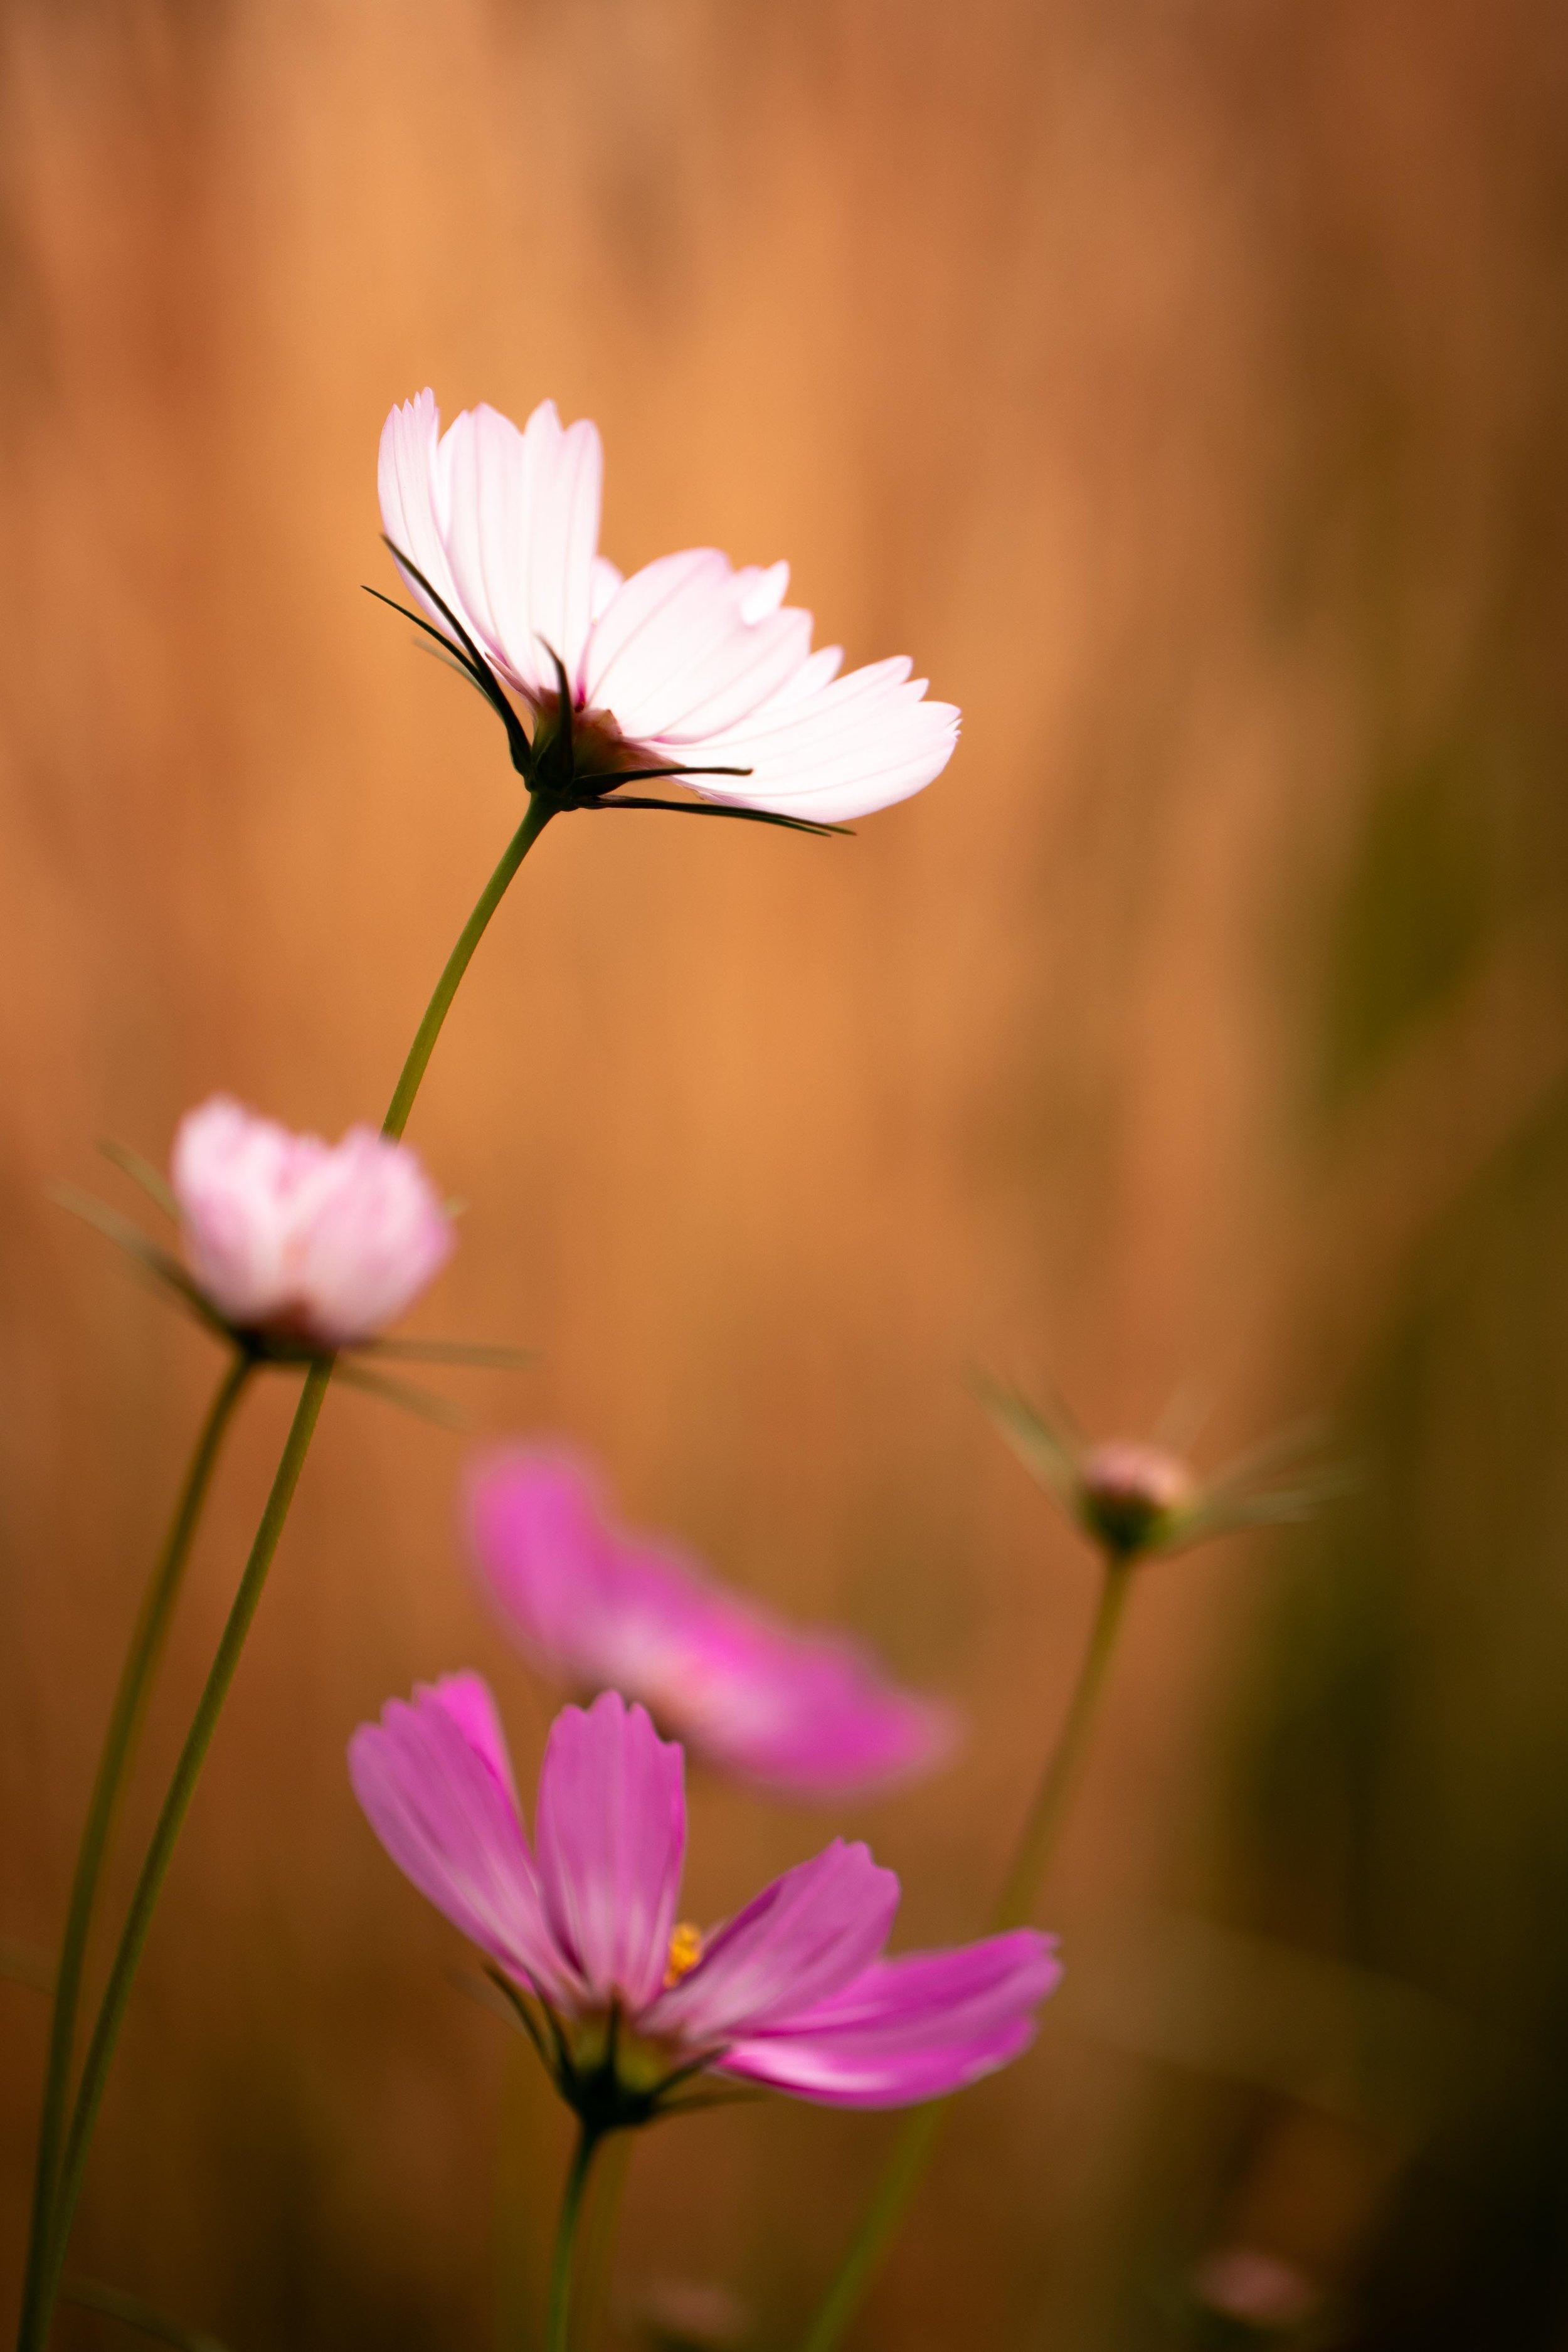 Pink Flower Denver Botanic Gardens-8.jpg